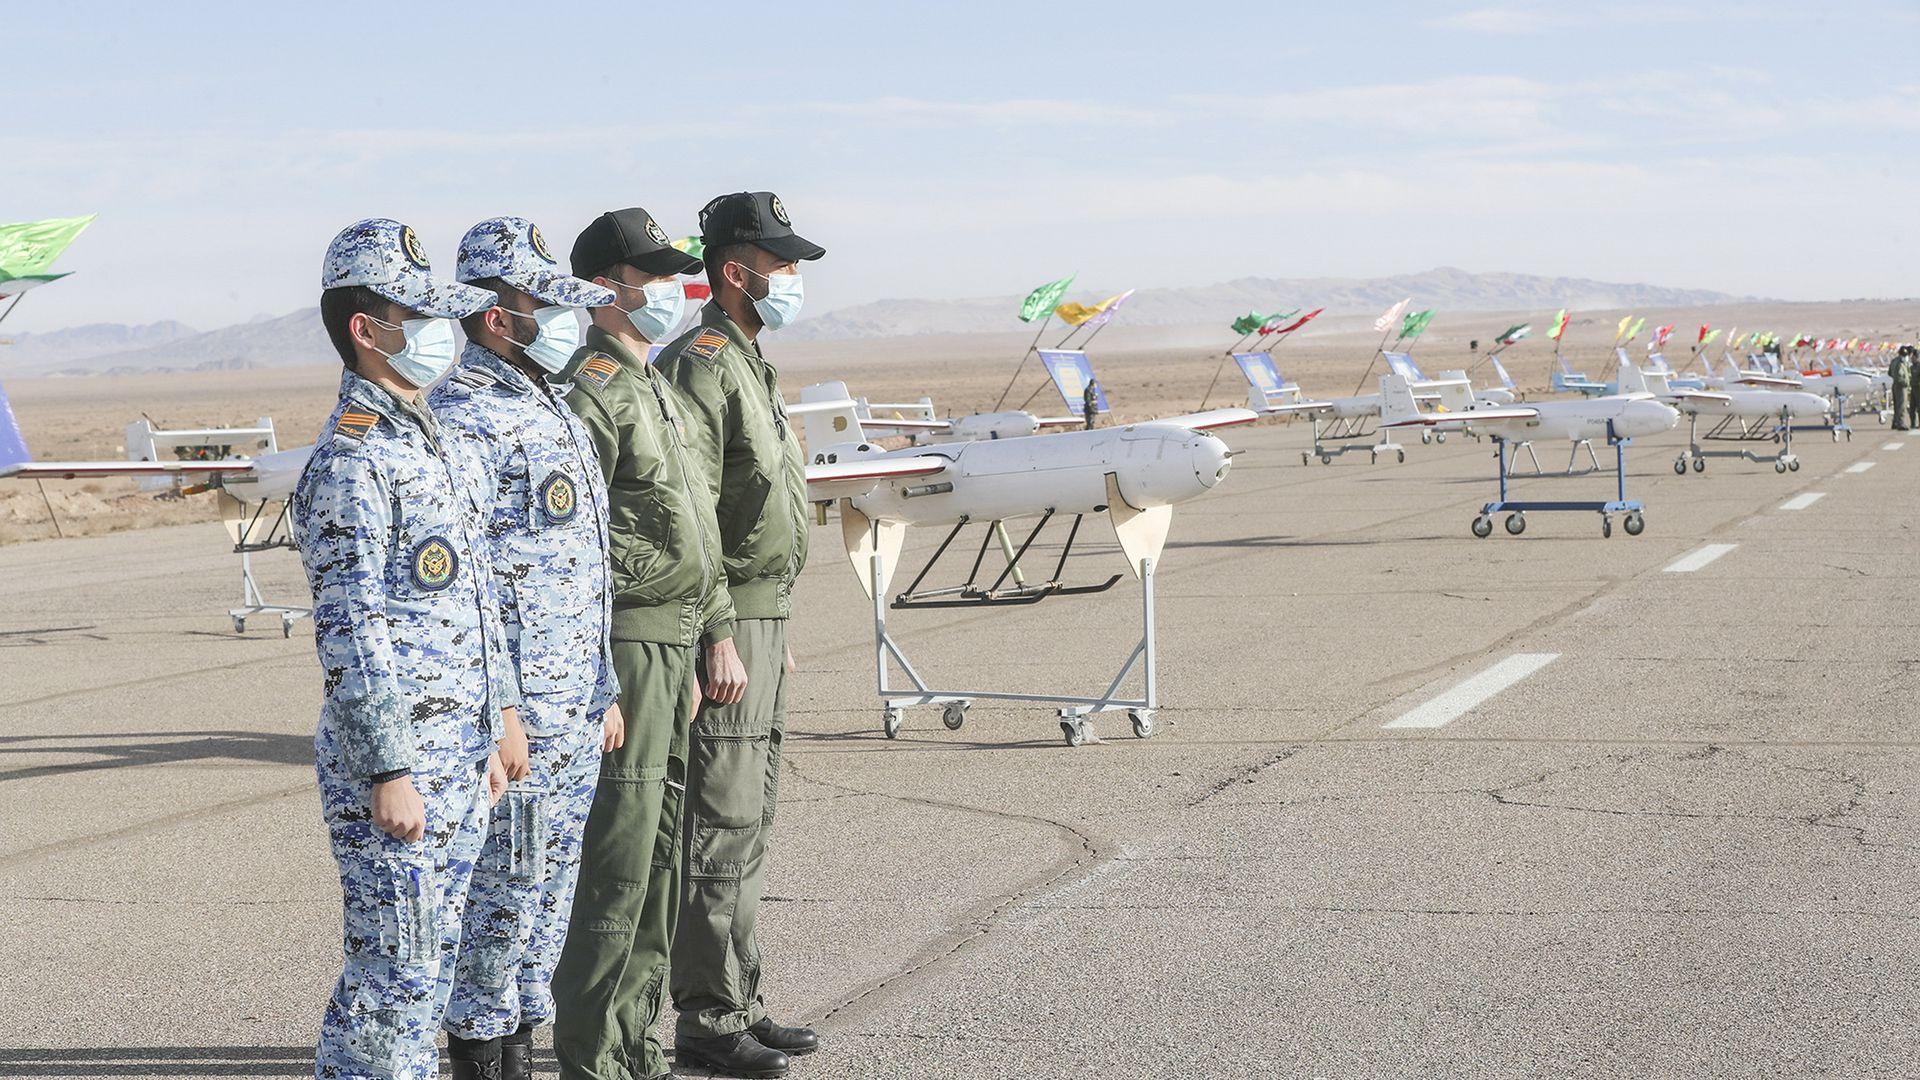 الجيش الإيراني يستعرض عددا من الطائرات المسيرة